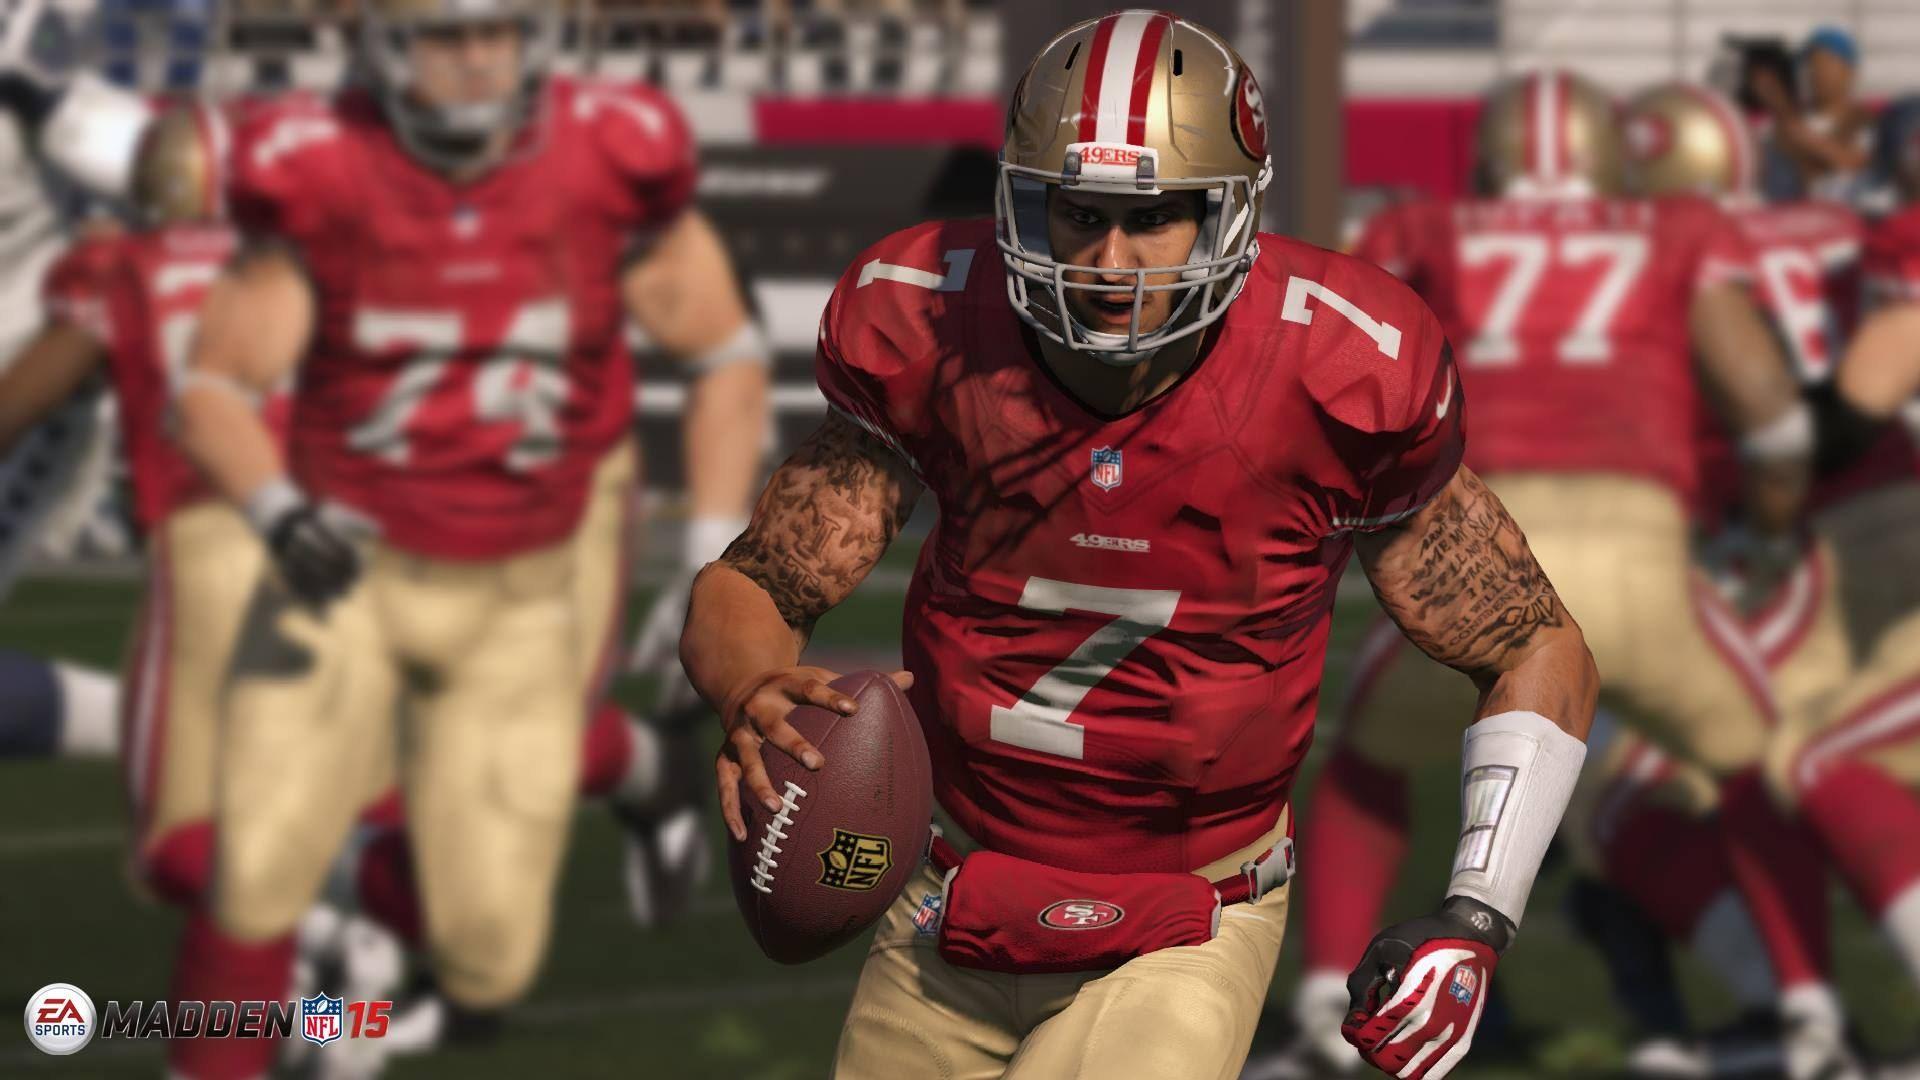 Madden NFL 15 Bullshot